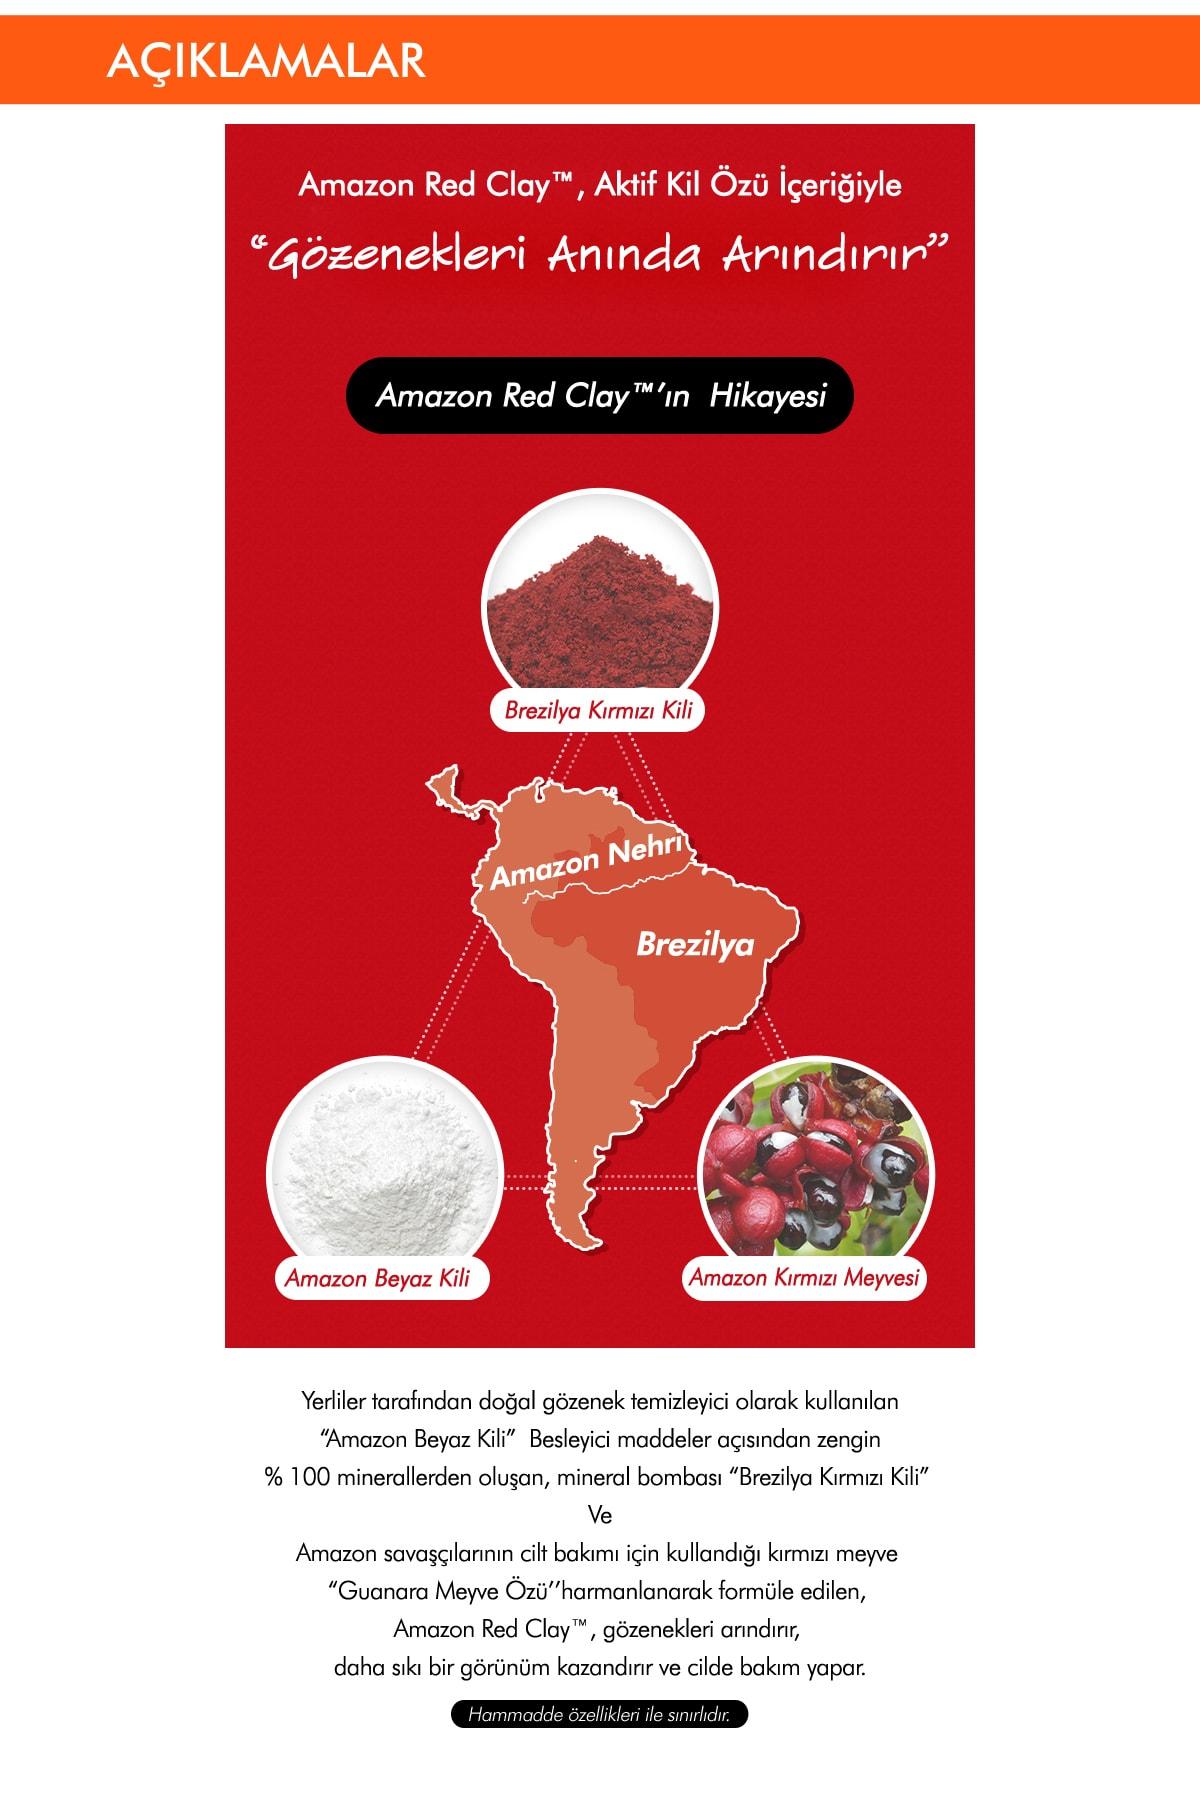 Missha Gözenekli Ciltler İçin Amazon Kili Temizleyici 120ml Amazon Red Clay Pore Pack Foam Cleanser 3